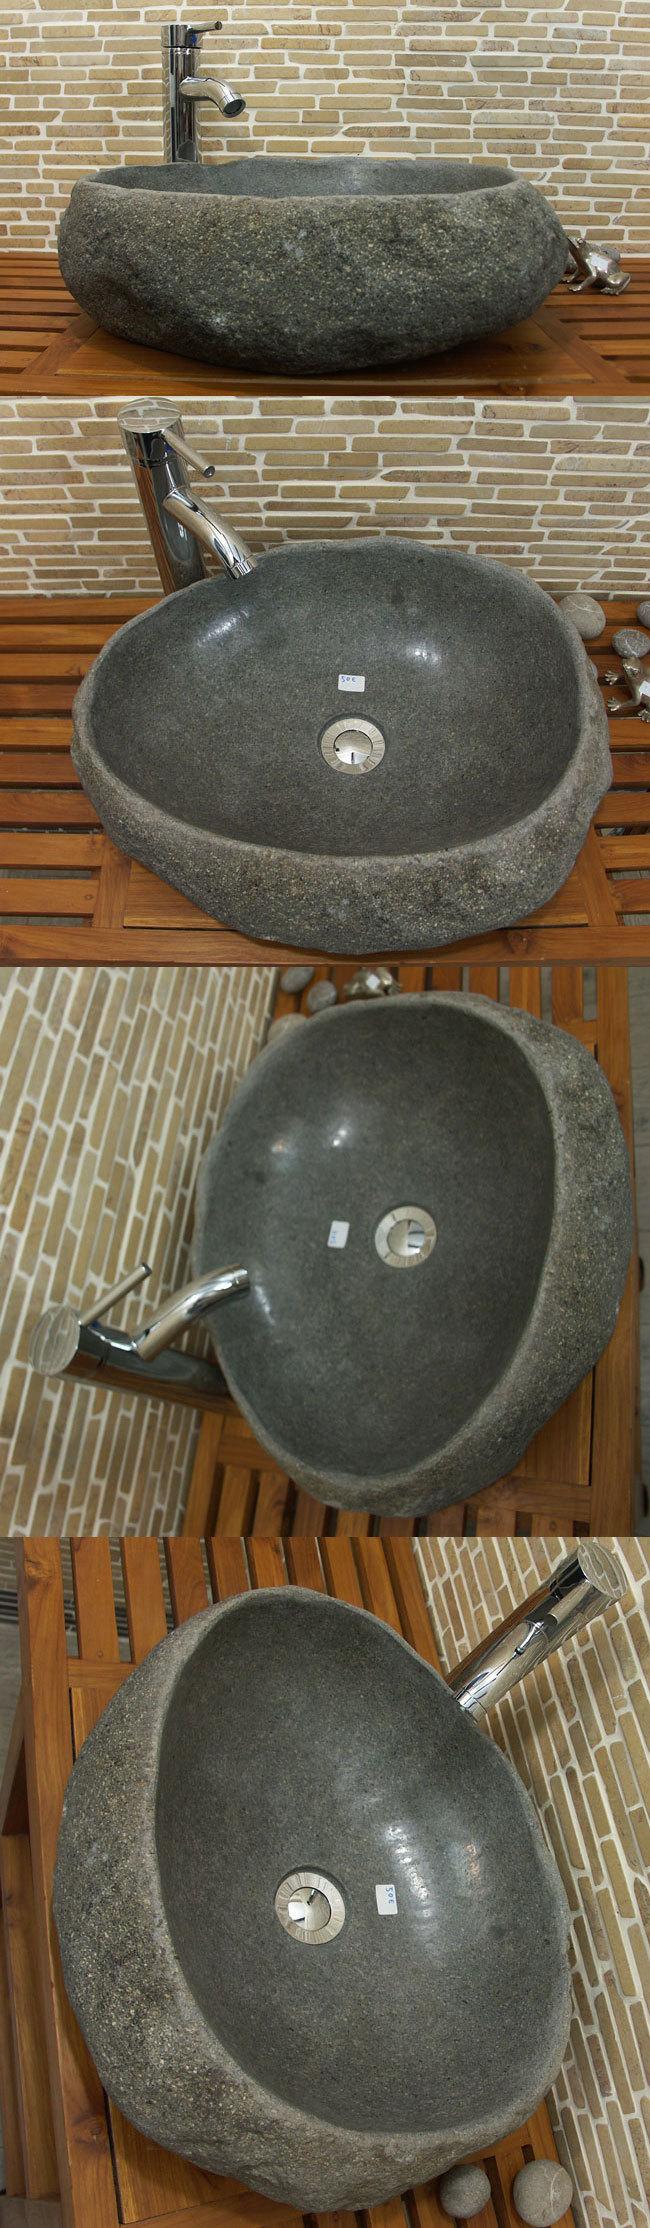 waschbecken aus flussstein bafs 50e ein unikat f r ihr bad. Black Bedroom Furniture Sets. Home Design Ideas